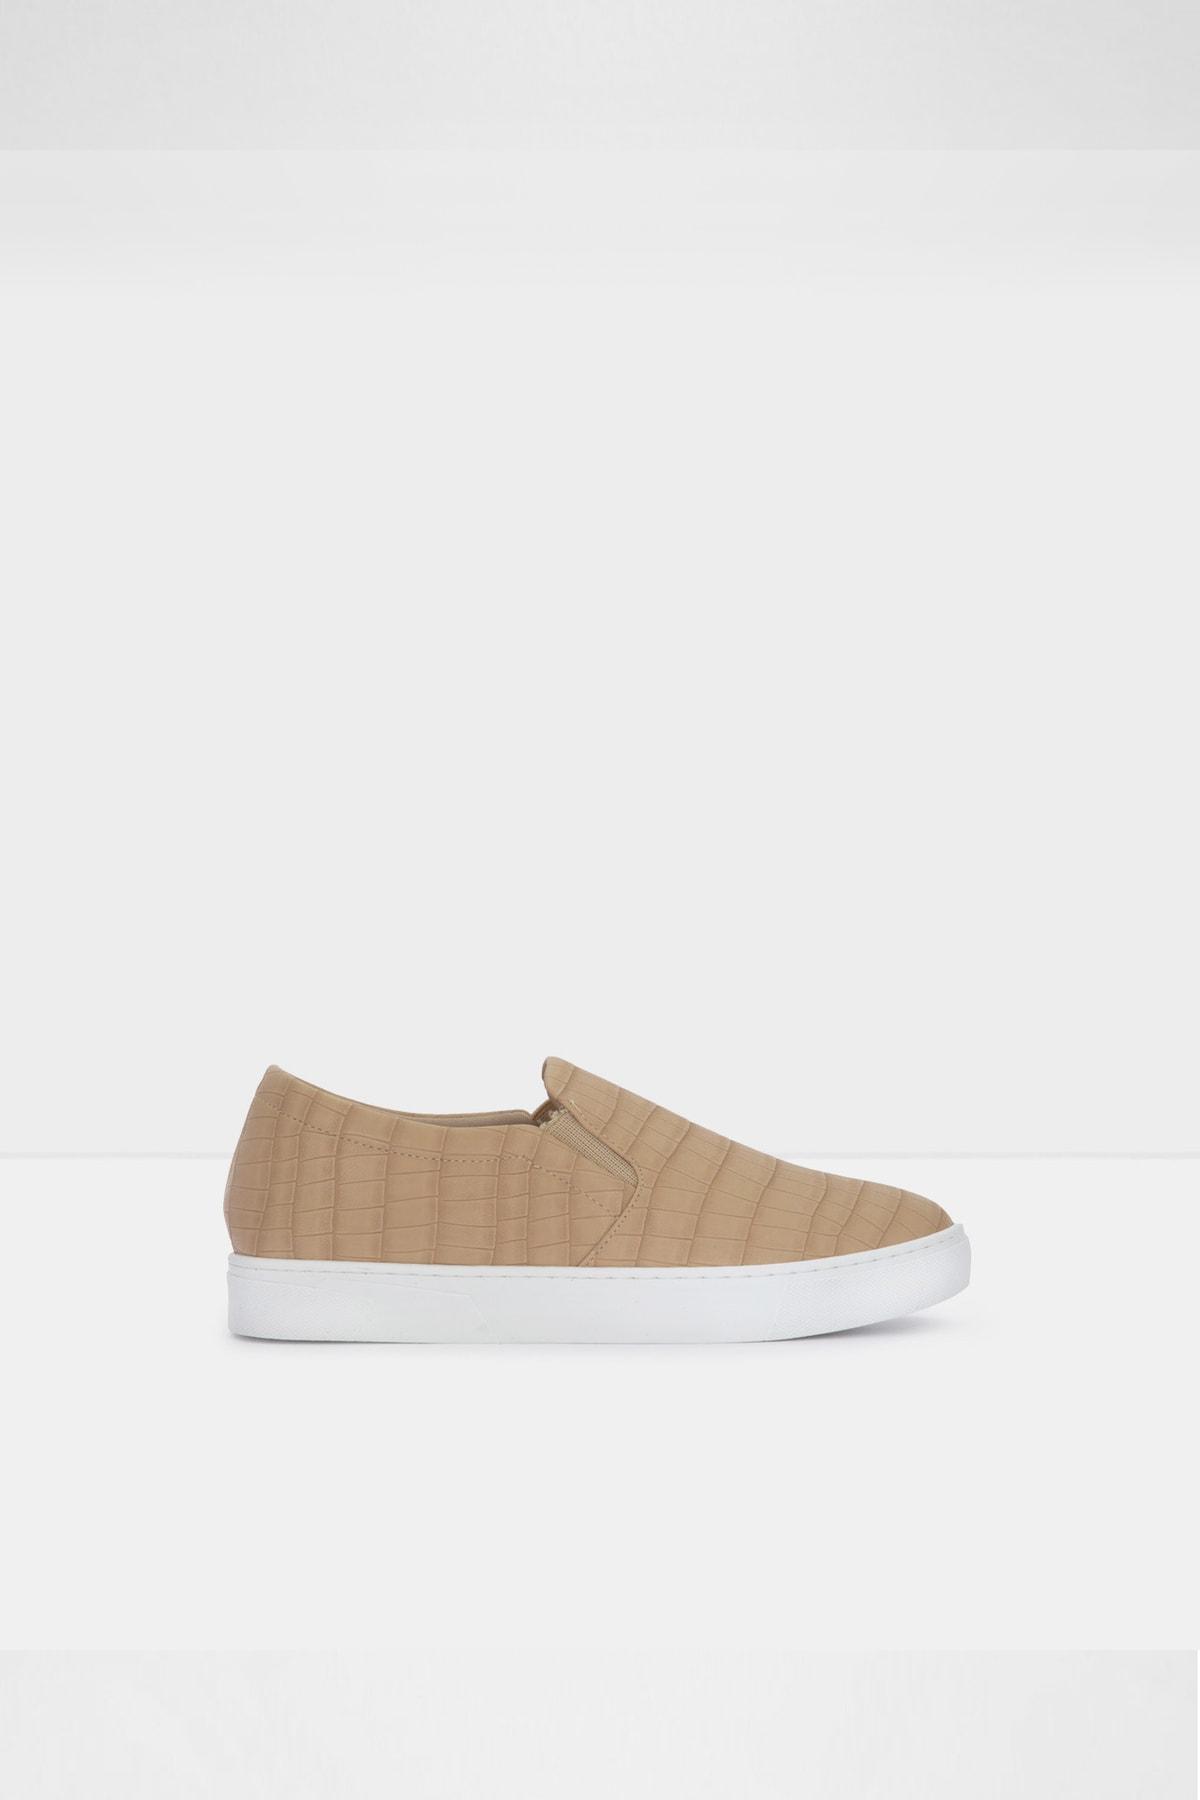 Aldo Kadın Bej  Suni Deri Sneaker Ayakkabı 1